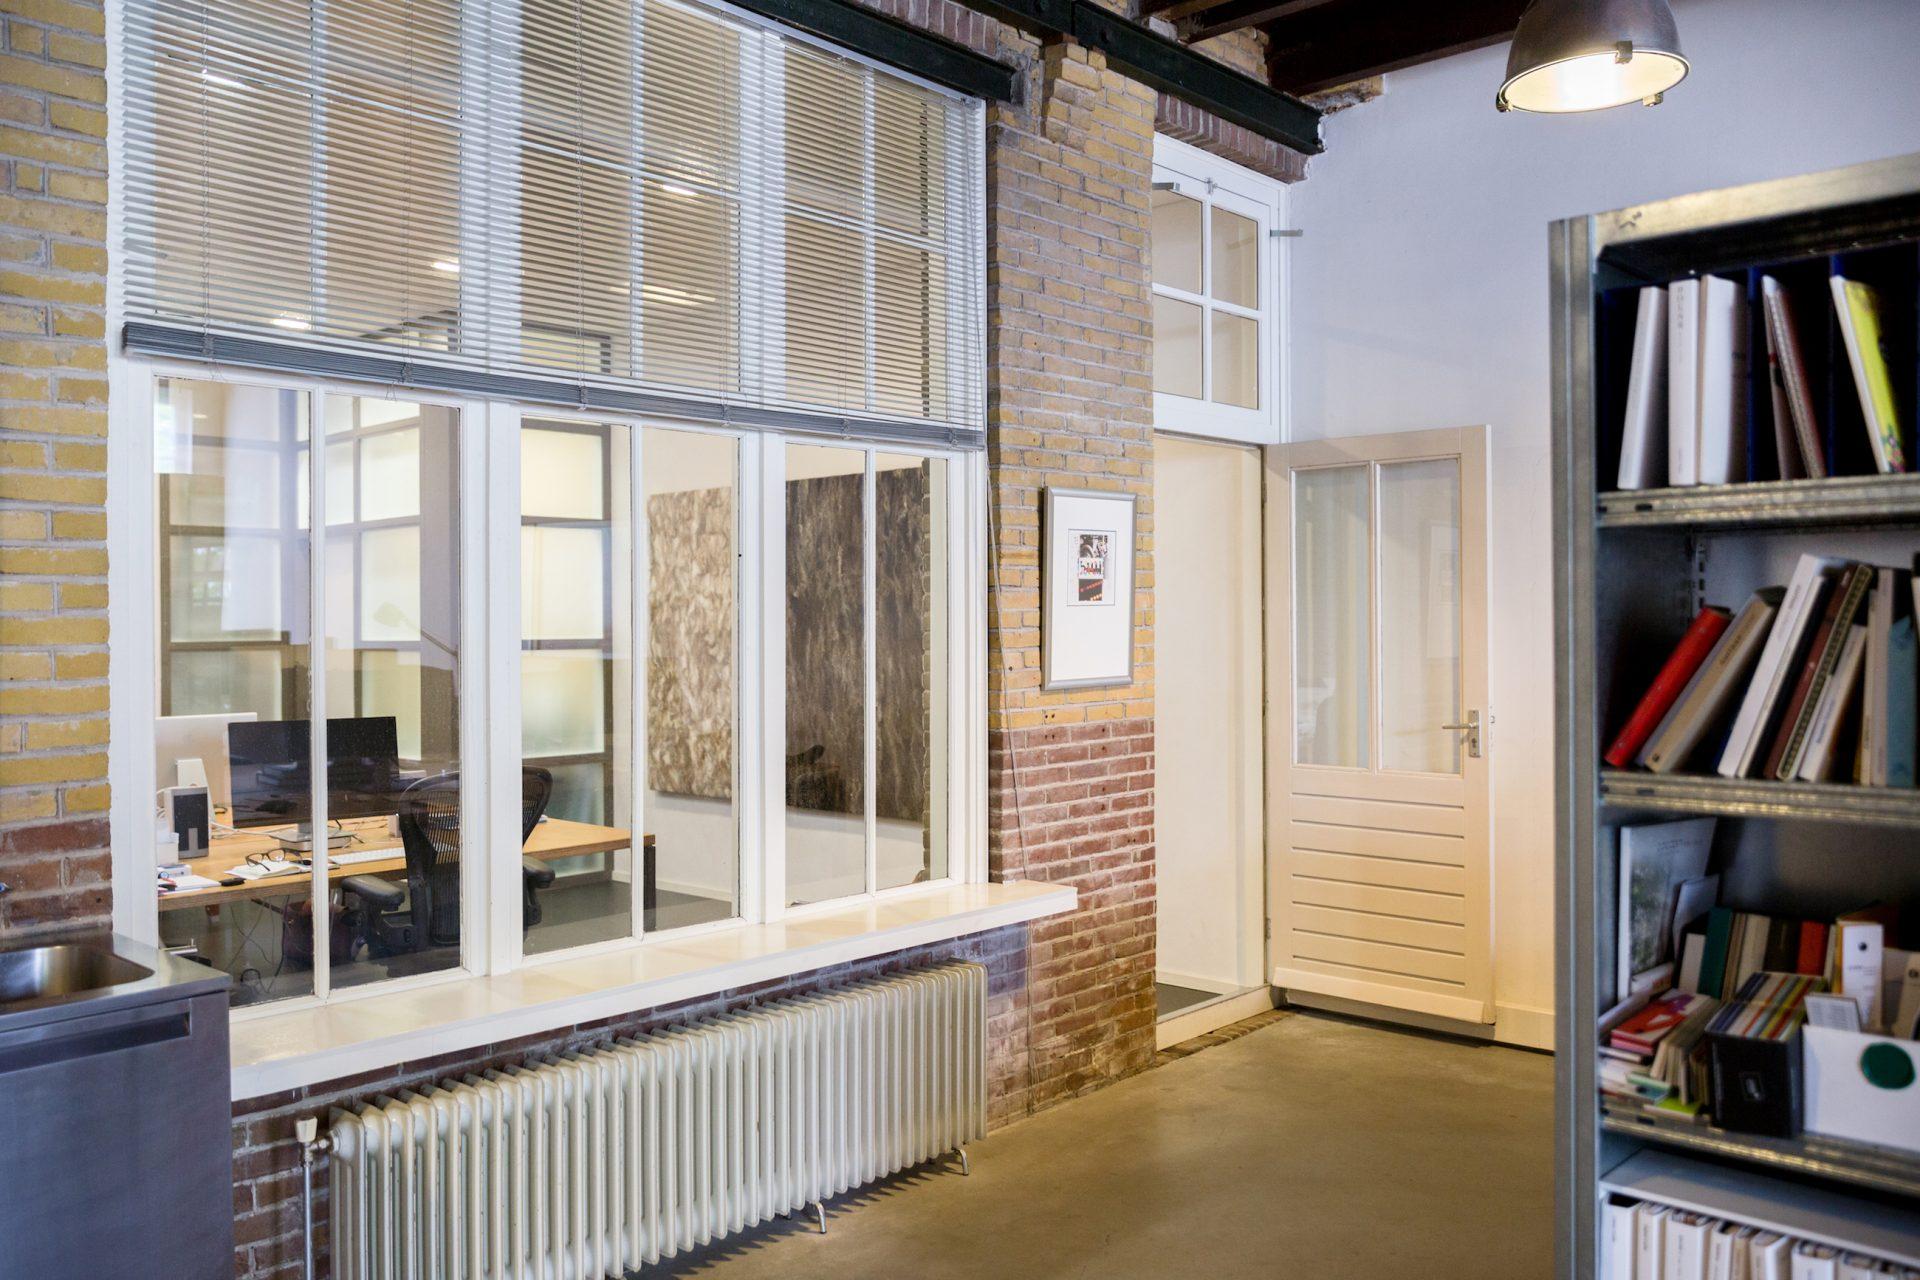 Akoestische wandpanelen zijn mooi om te zien en dempen het geluid, ook in een kantooromgeving.